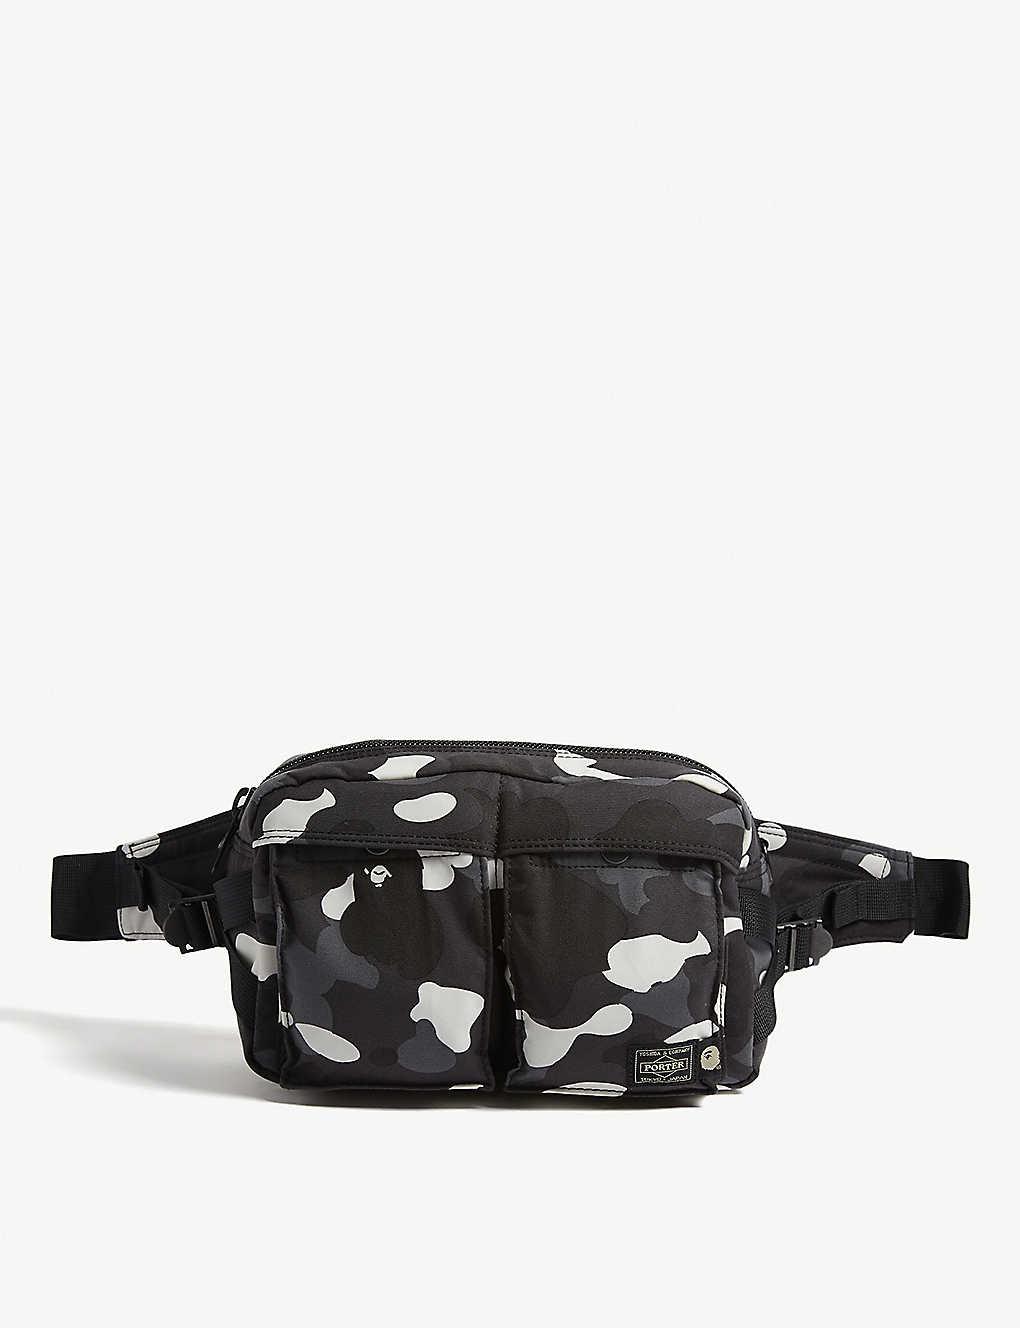 A BATHING APE - Porter 1st Camo canvas waist bag  a79aa6d285996